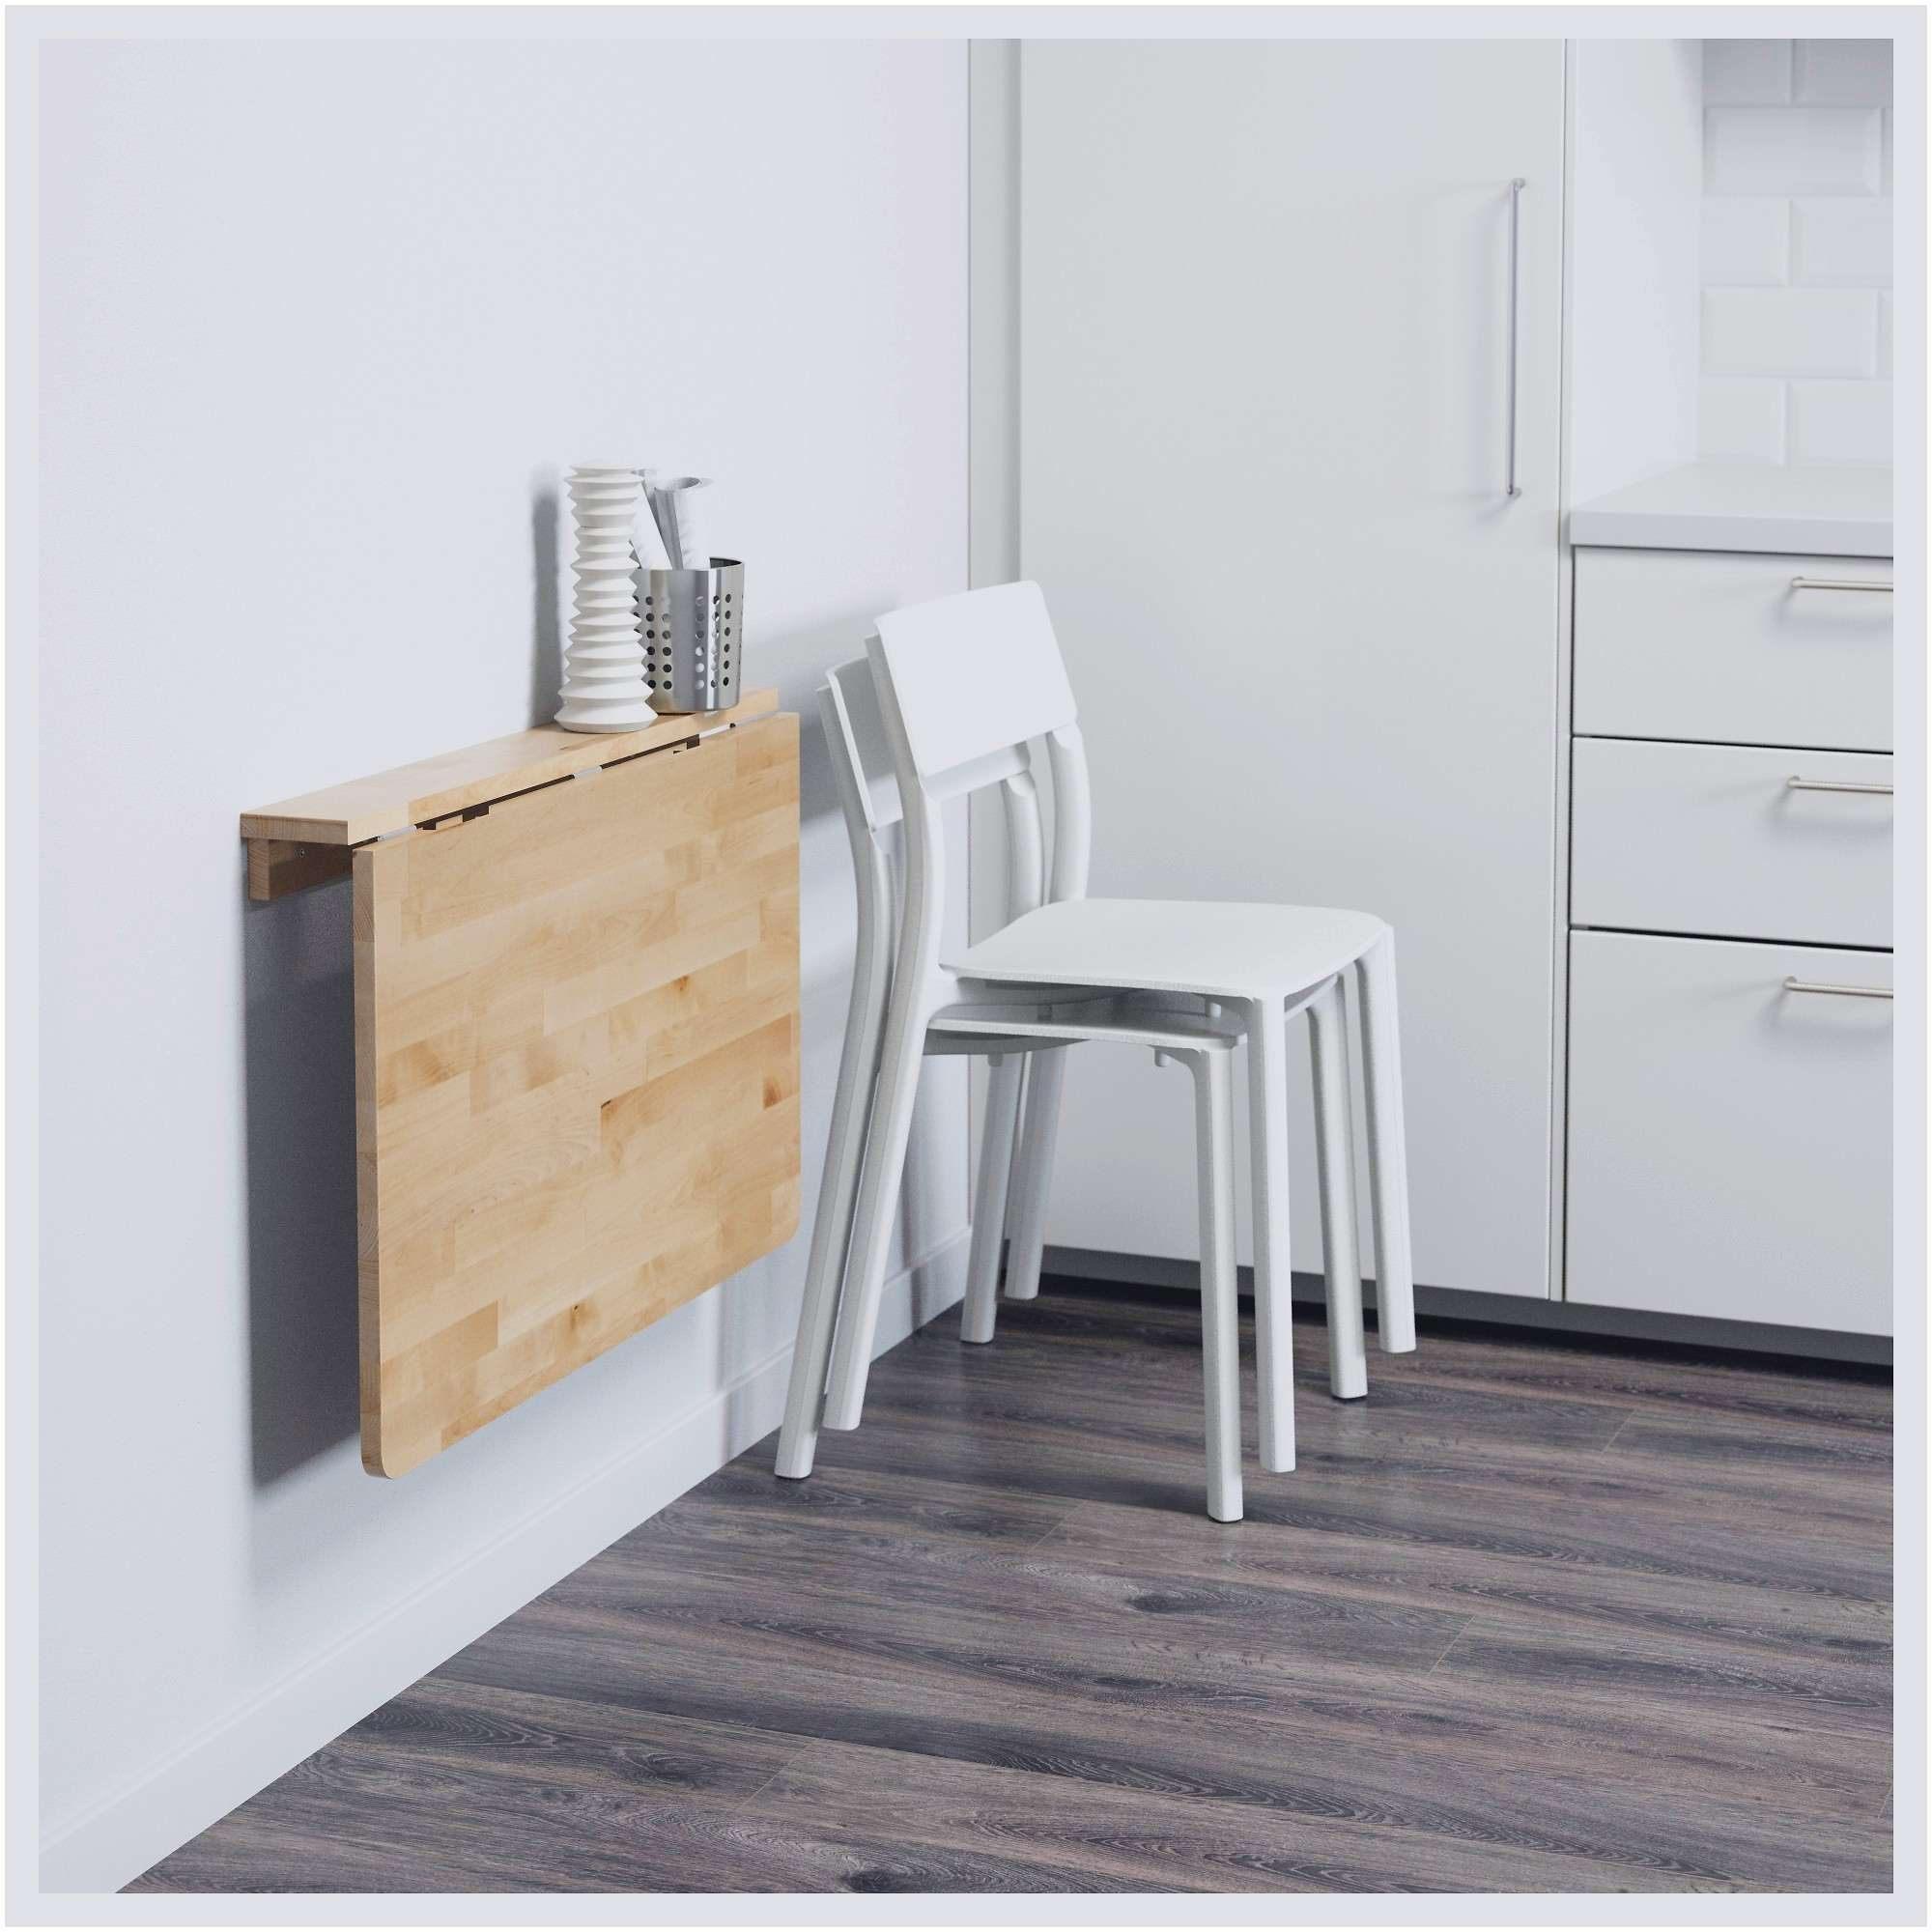 Lit 160×200 Ikea Meilleur De Unique Table Relevable Ikea Luxe Lit Relevable Ikea Meilleur De